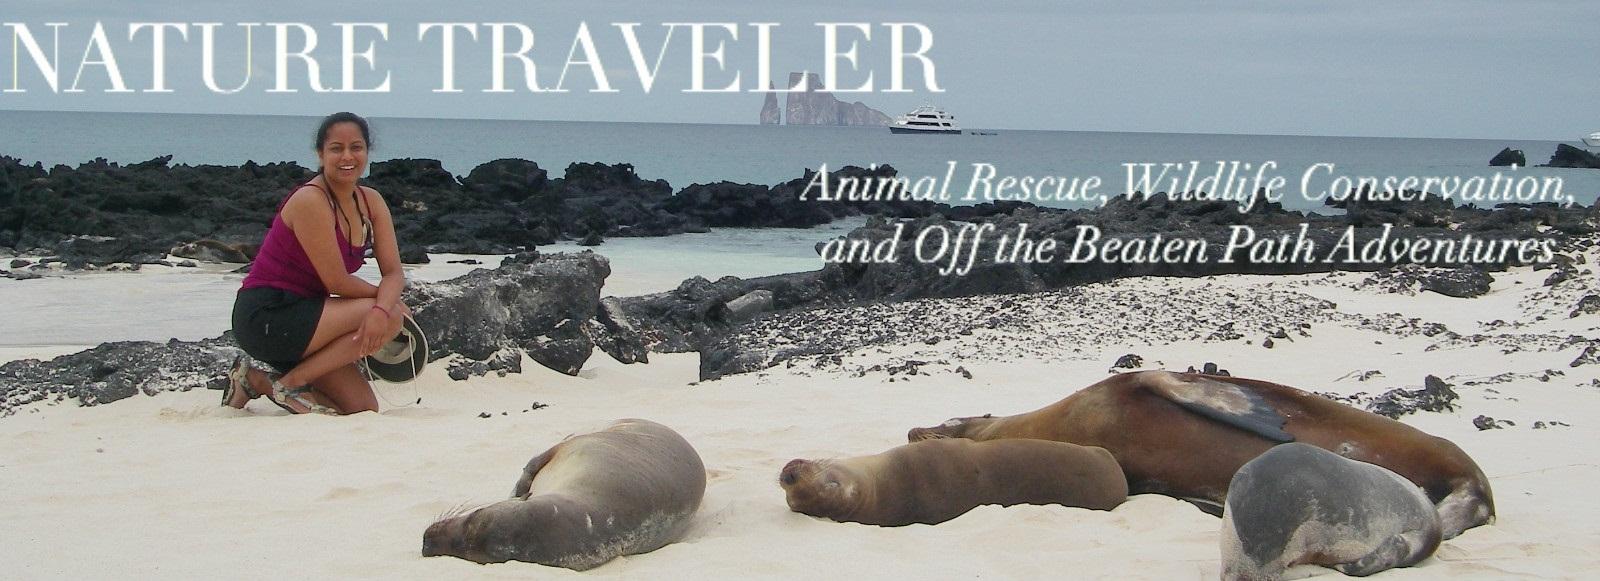 Nature Traveler